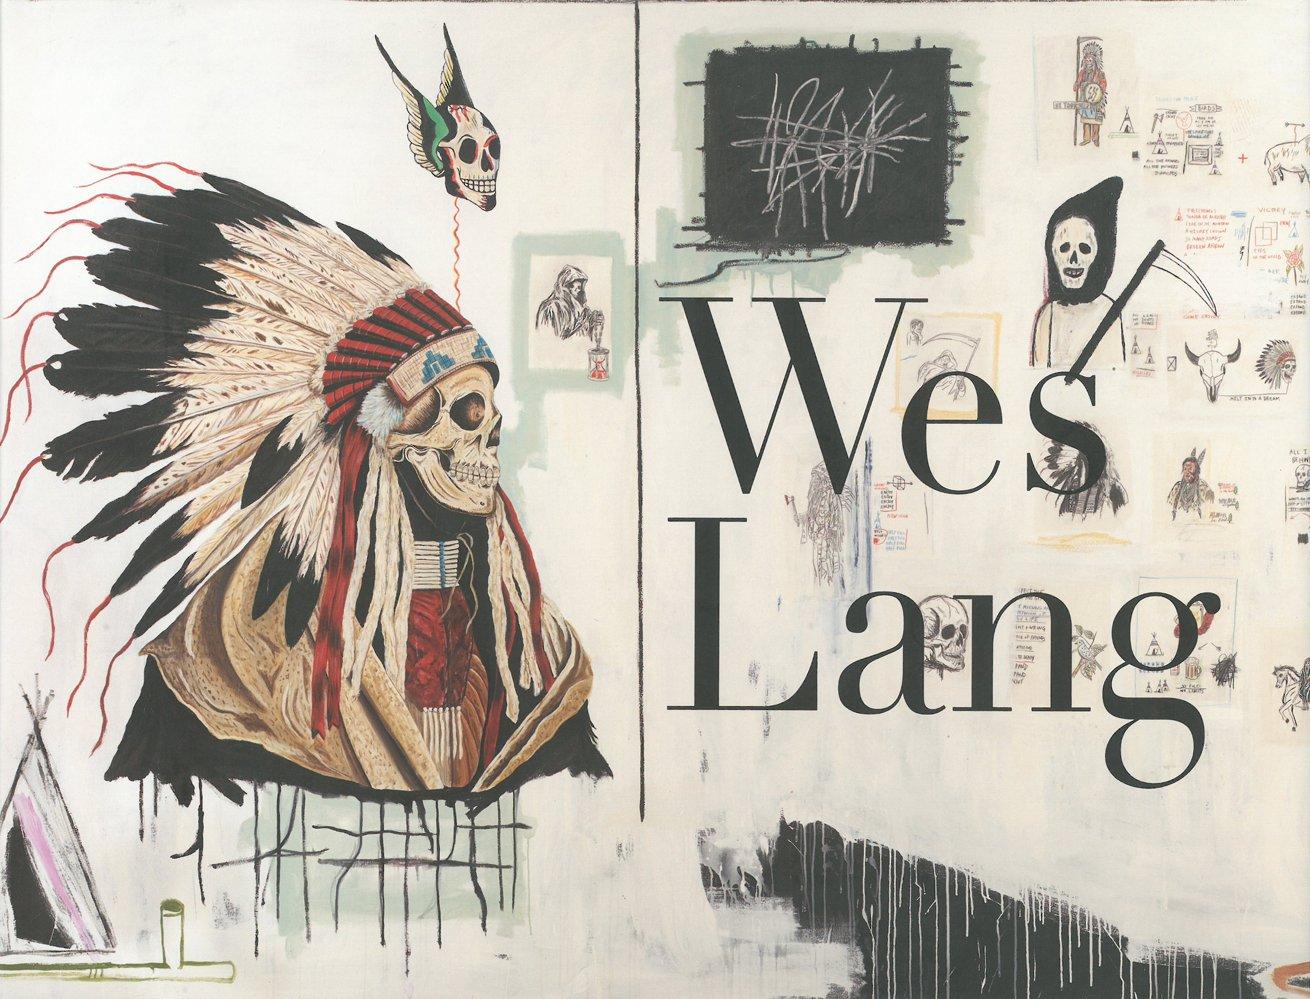 81zHEp4NY L Wes Lang Book Review